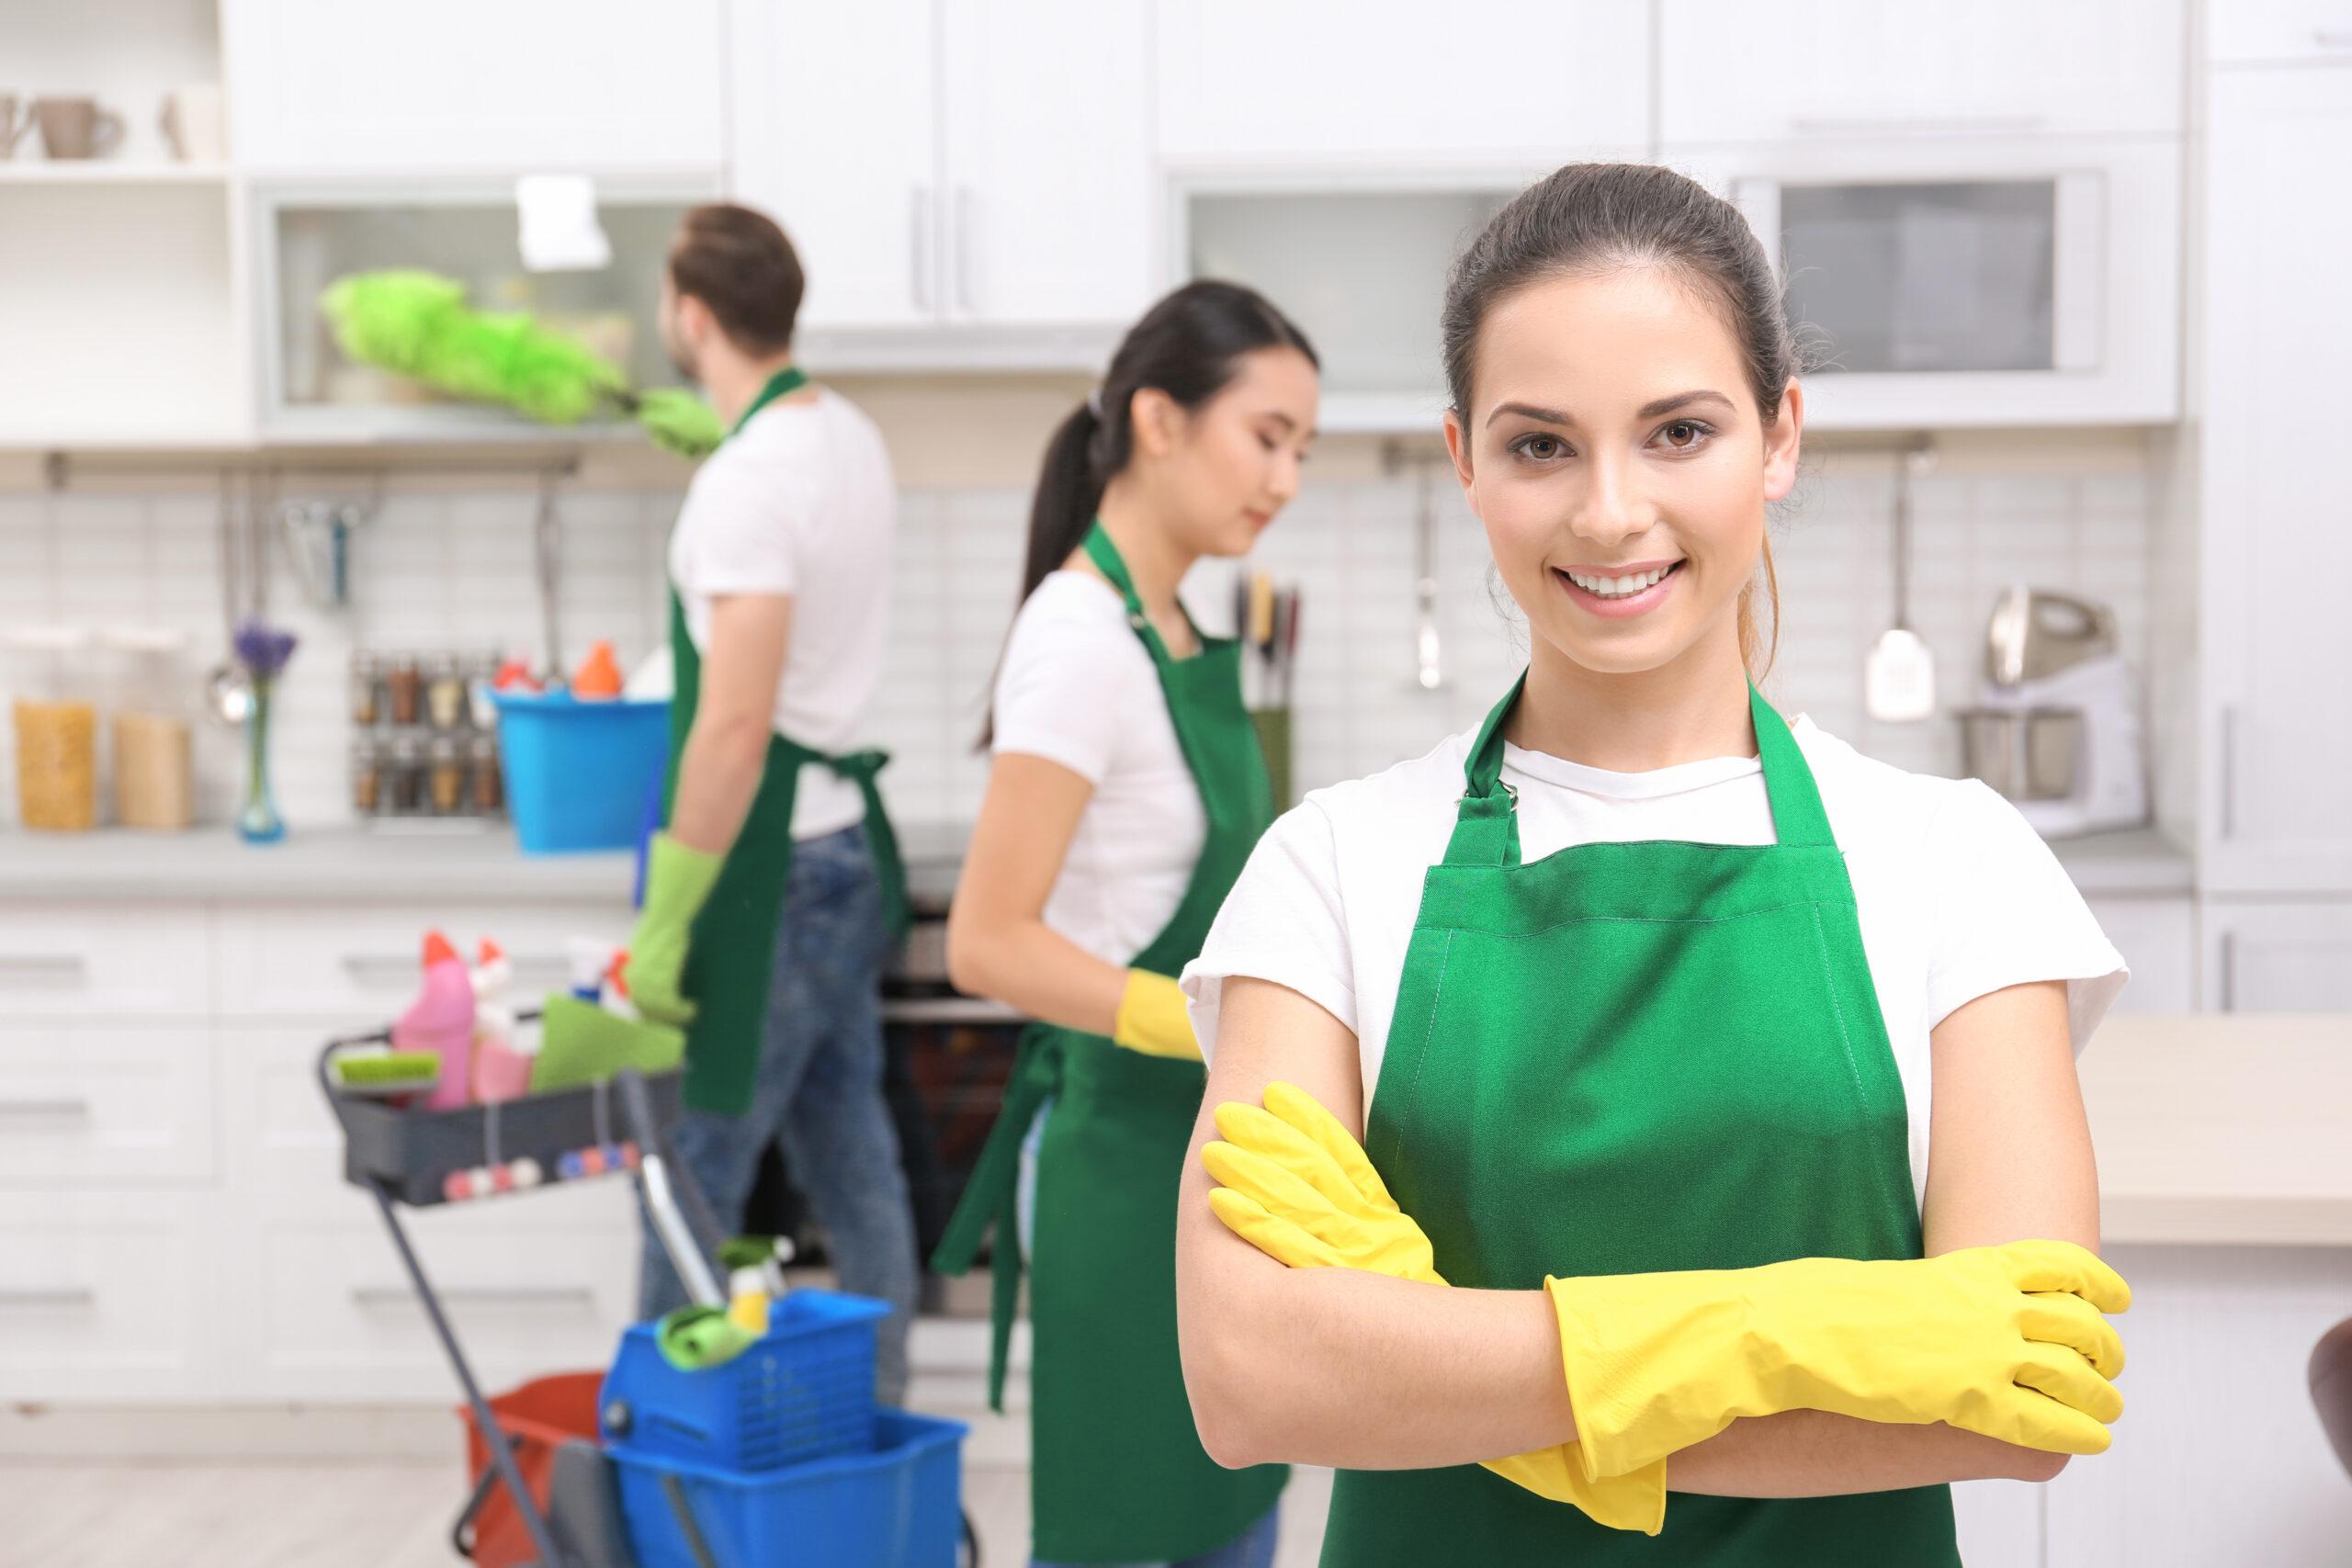 Eine Frau mit grüner Schürze und gelben Handschuhen und im Hintergrund zwei Personen mit der selben Kleidung, die putzen